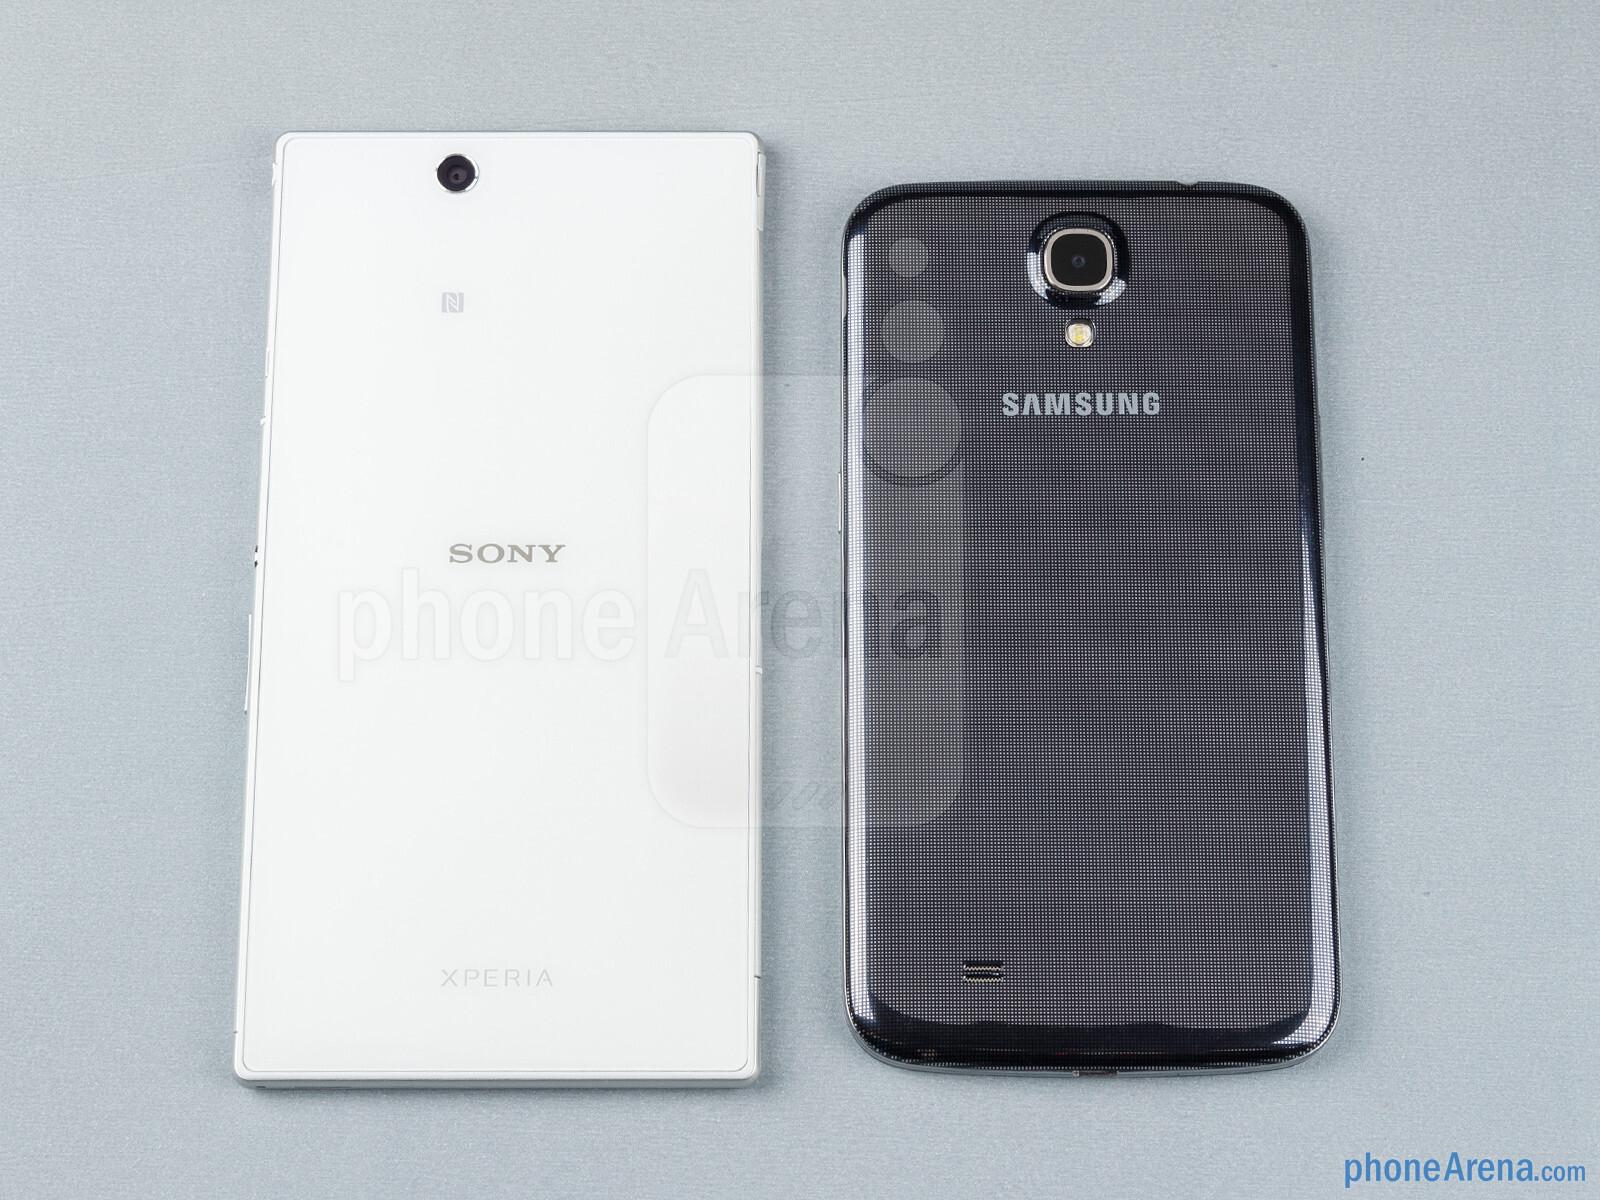 Sony Xperia Z Ultra vs Samsung Galaxy Mega 6.3